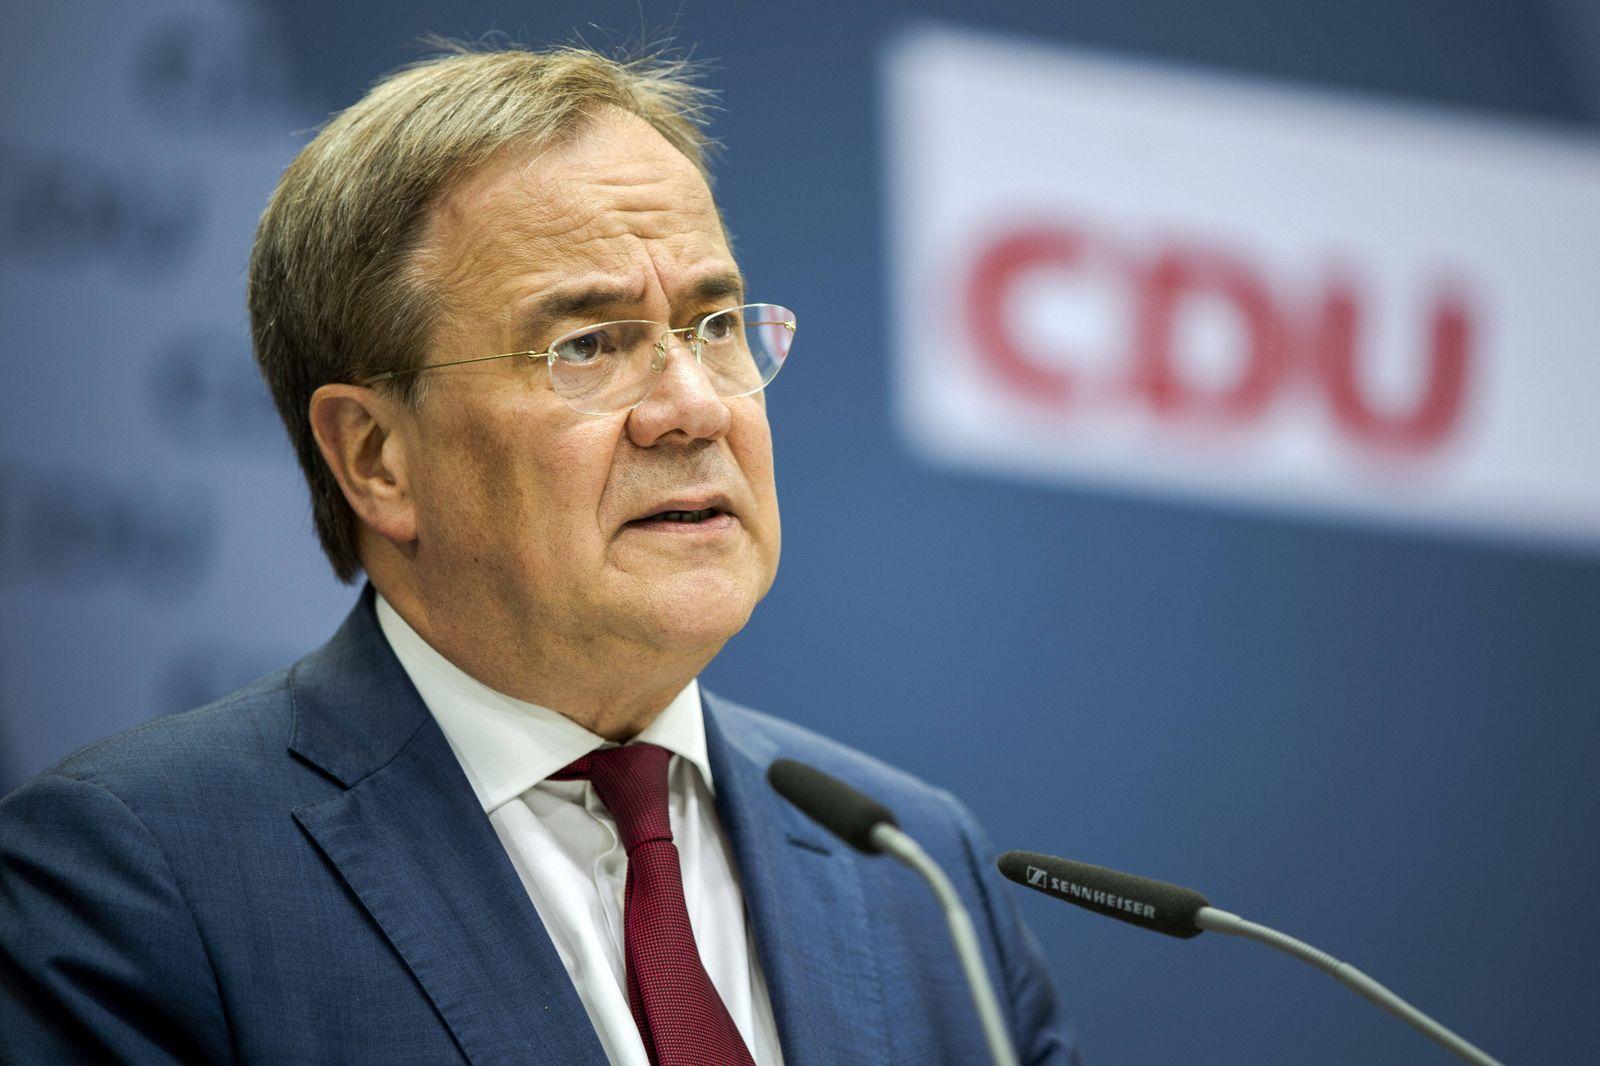 Armin Laschet, Parteivorsitzender der CDU, CDU-Kanzlerkandidat und Ministerpraesident von NRW, aufgenommen im Rahmen ei